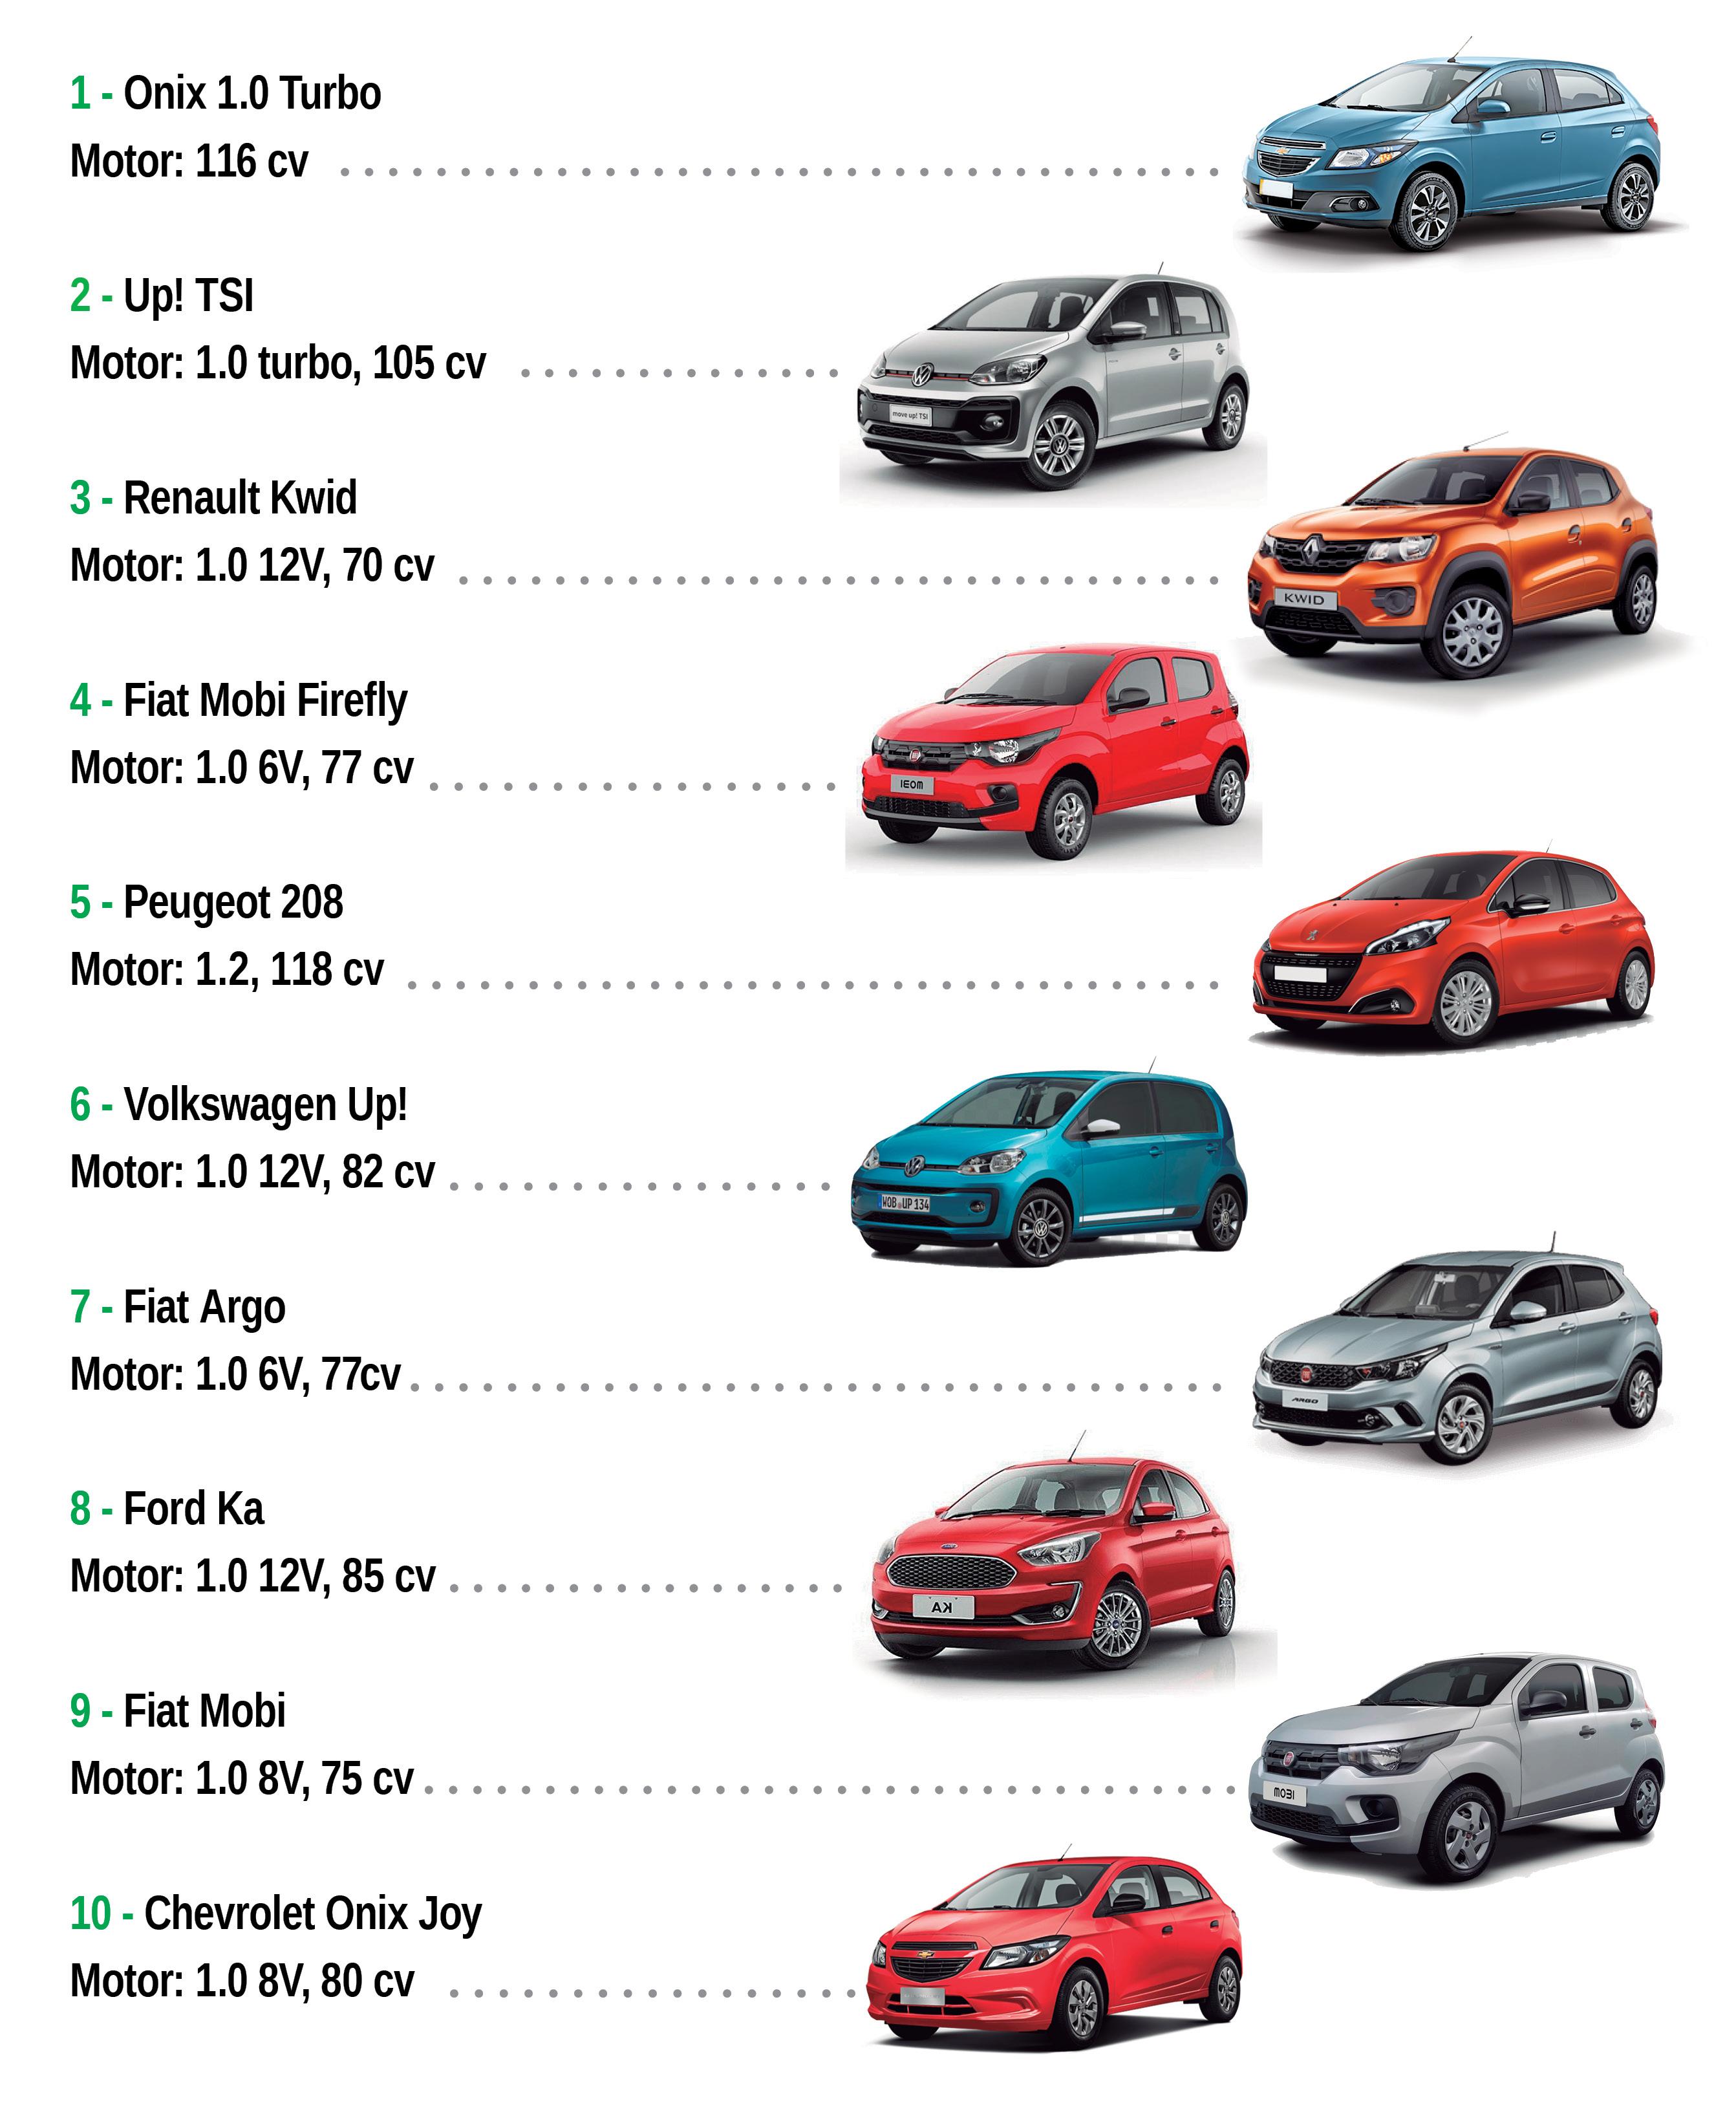 10 carros populares br